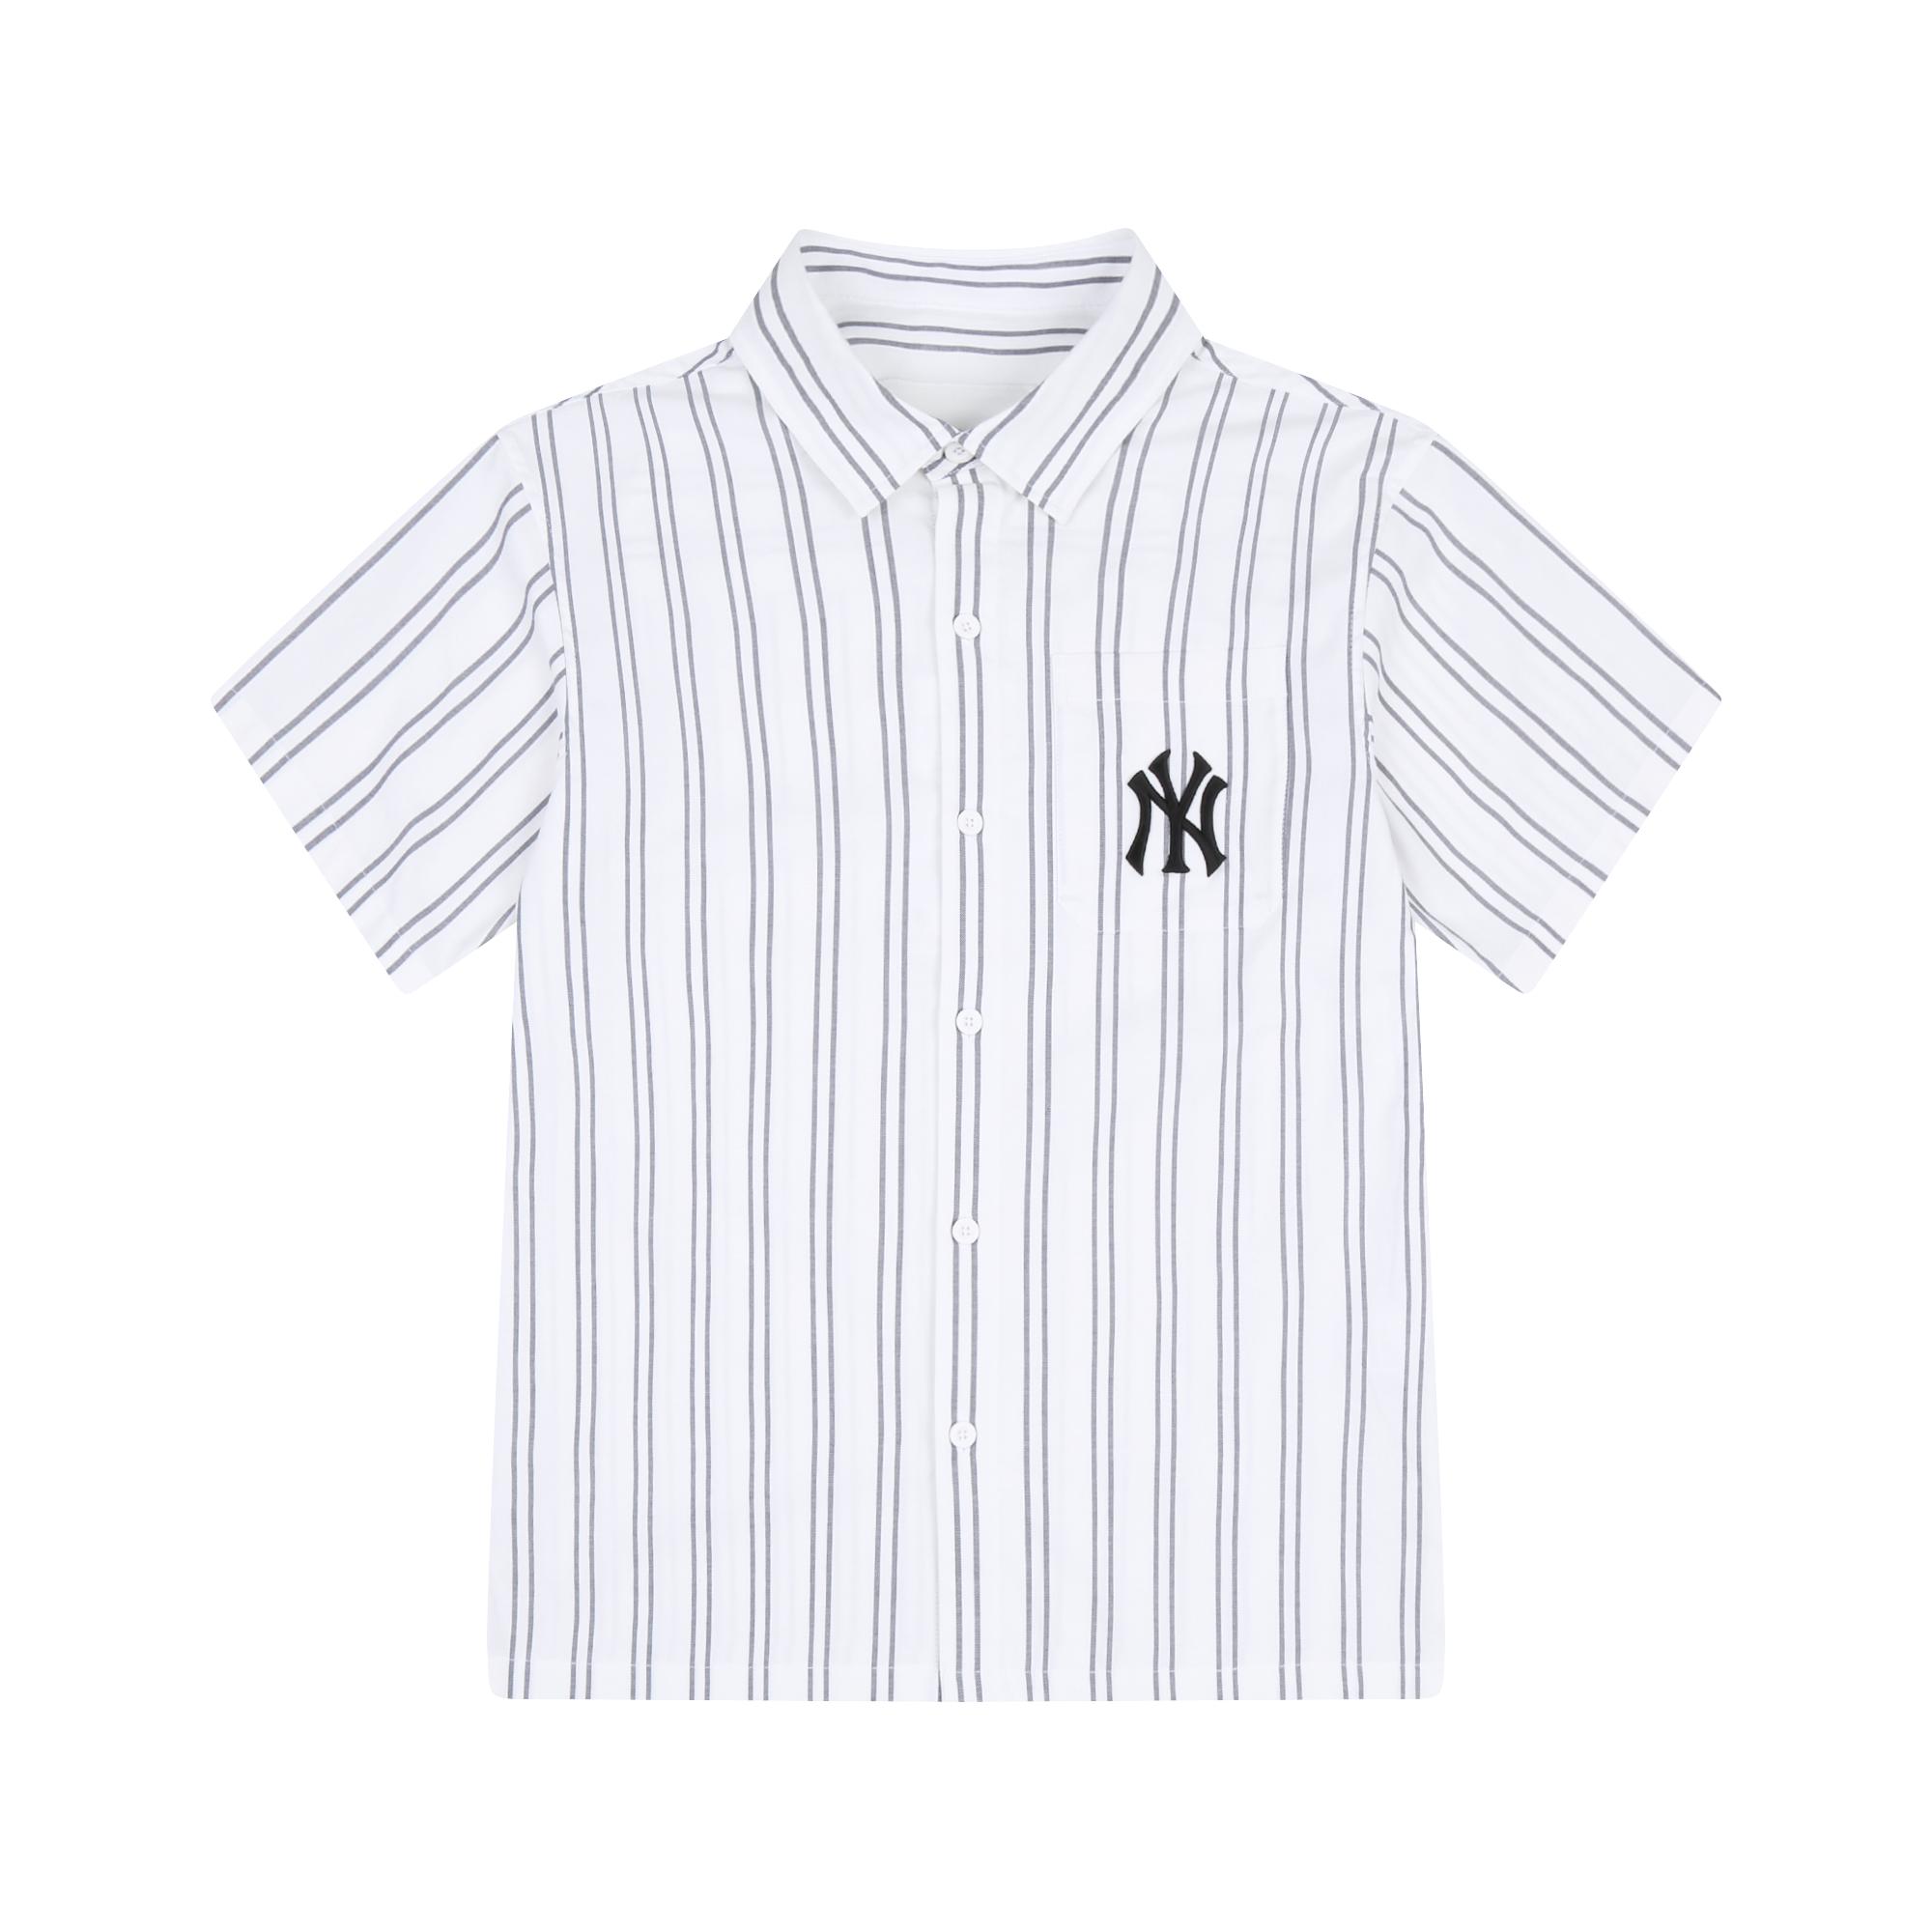 PRIDE TAG 스트라이프 반팔 셔츠 뉴욕양키스